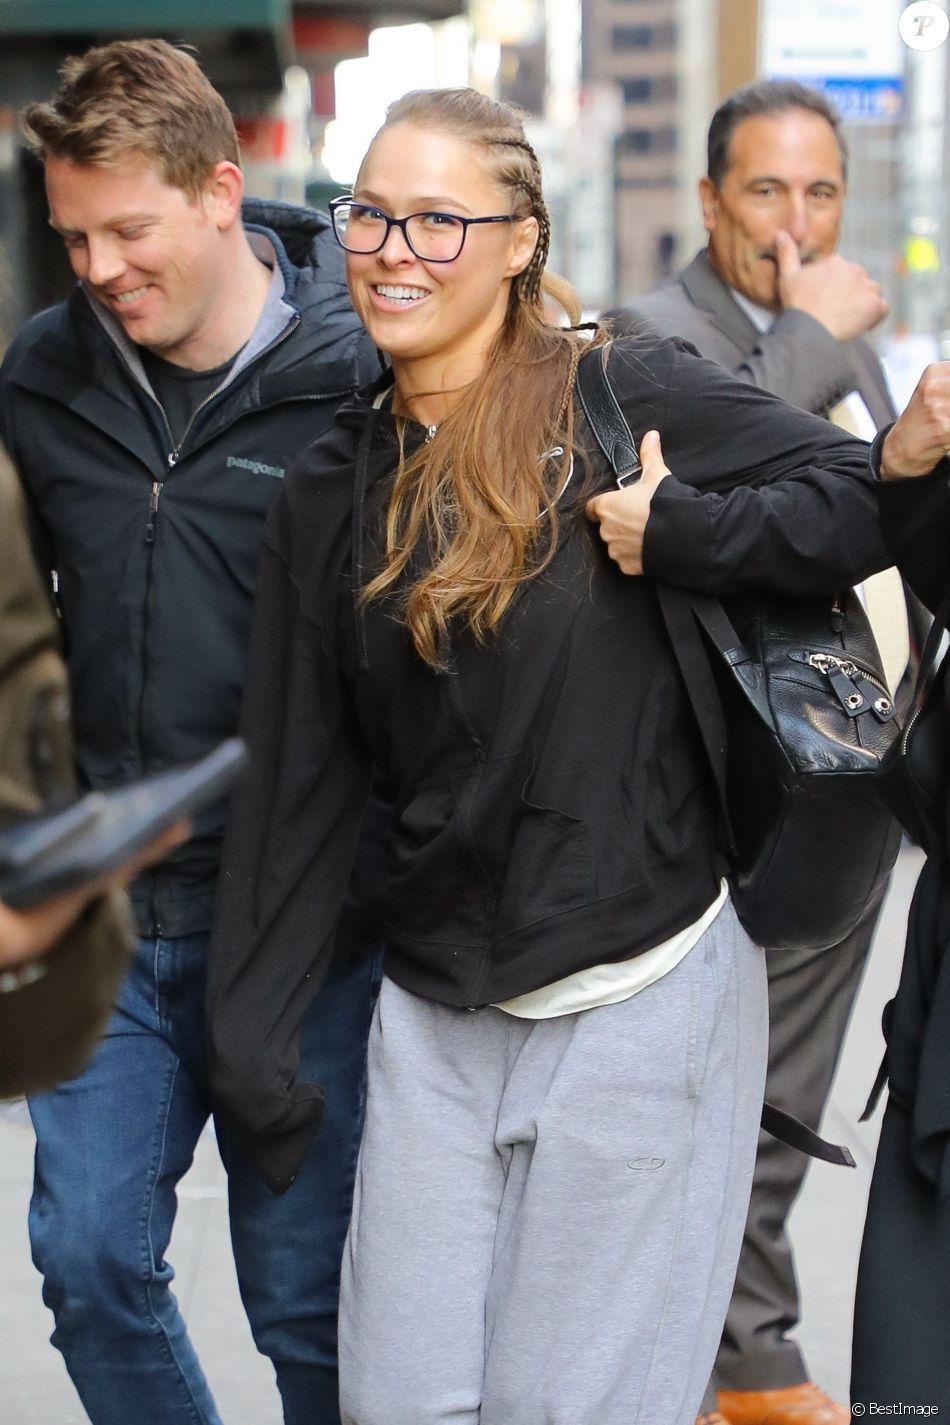 Exclusif - Ronda Rousey arrive, avec une attelle au poignet, pour préenregistrer l'émission 'The Late Show avec Stephen Colbert' à New York City, New York, Etats-Unis, le 17 avril 2019.